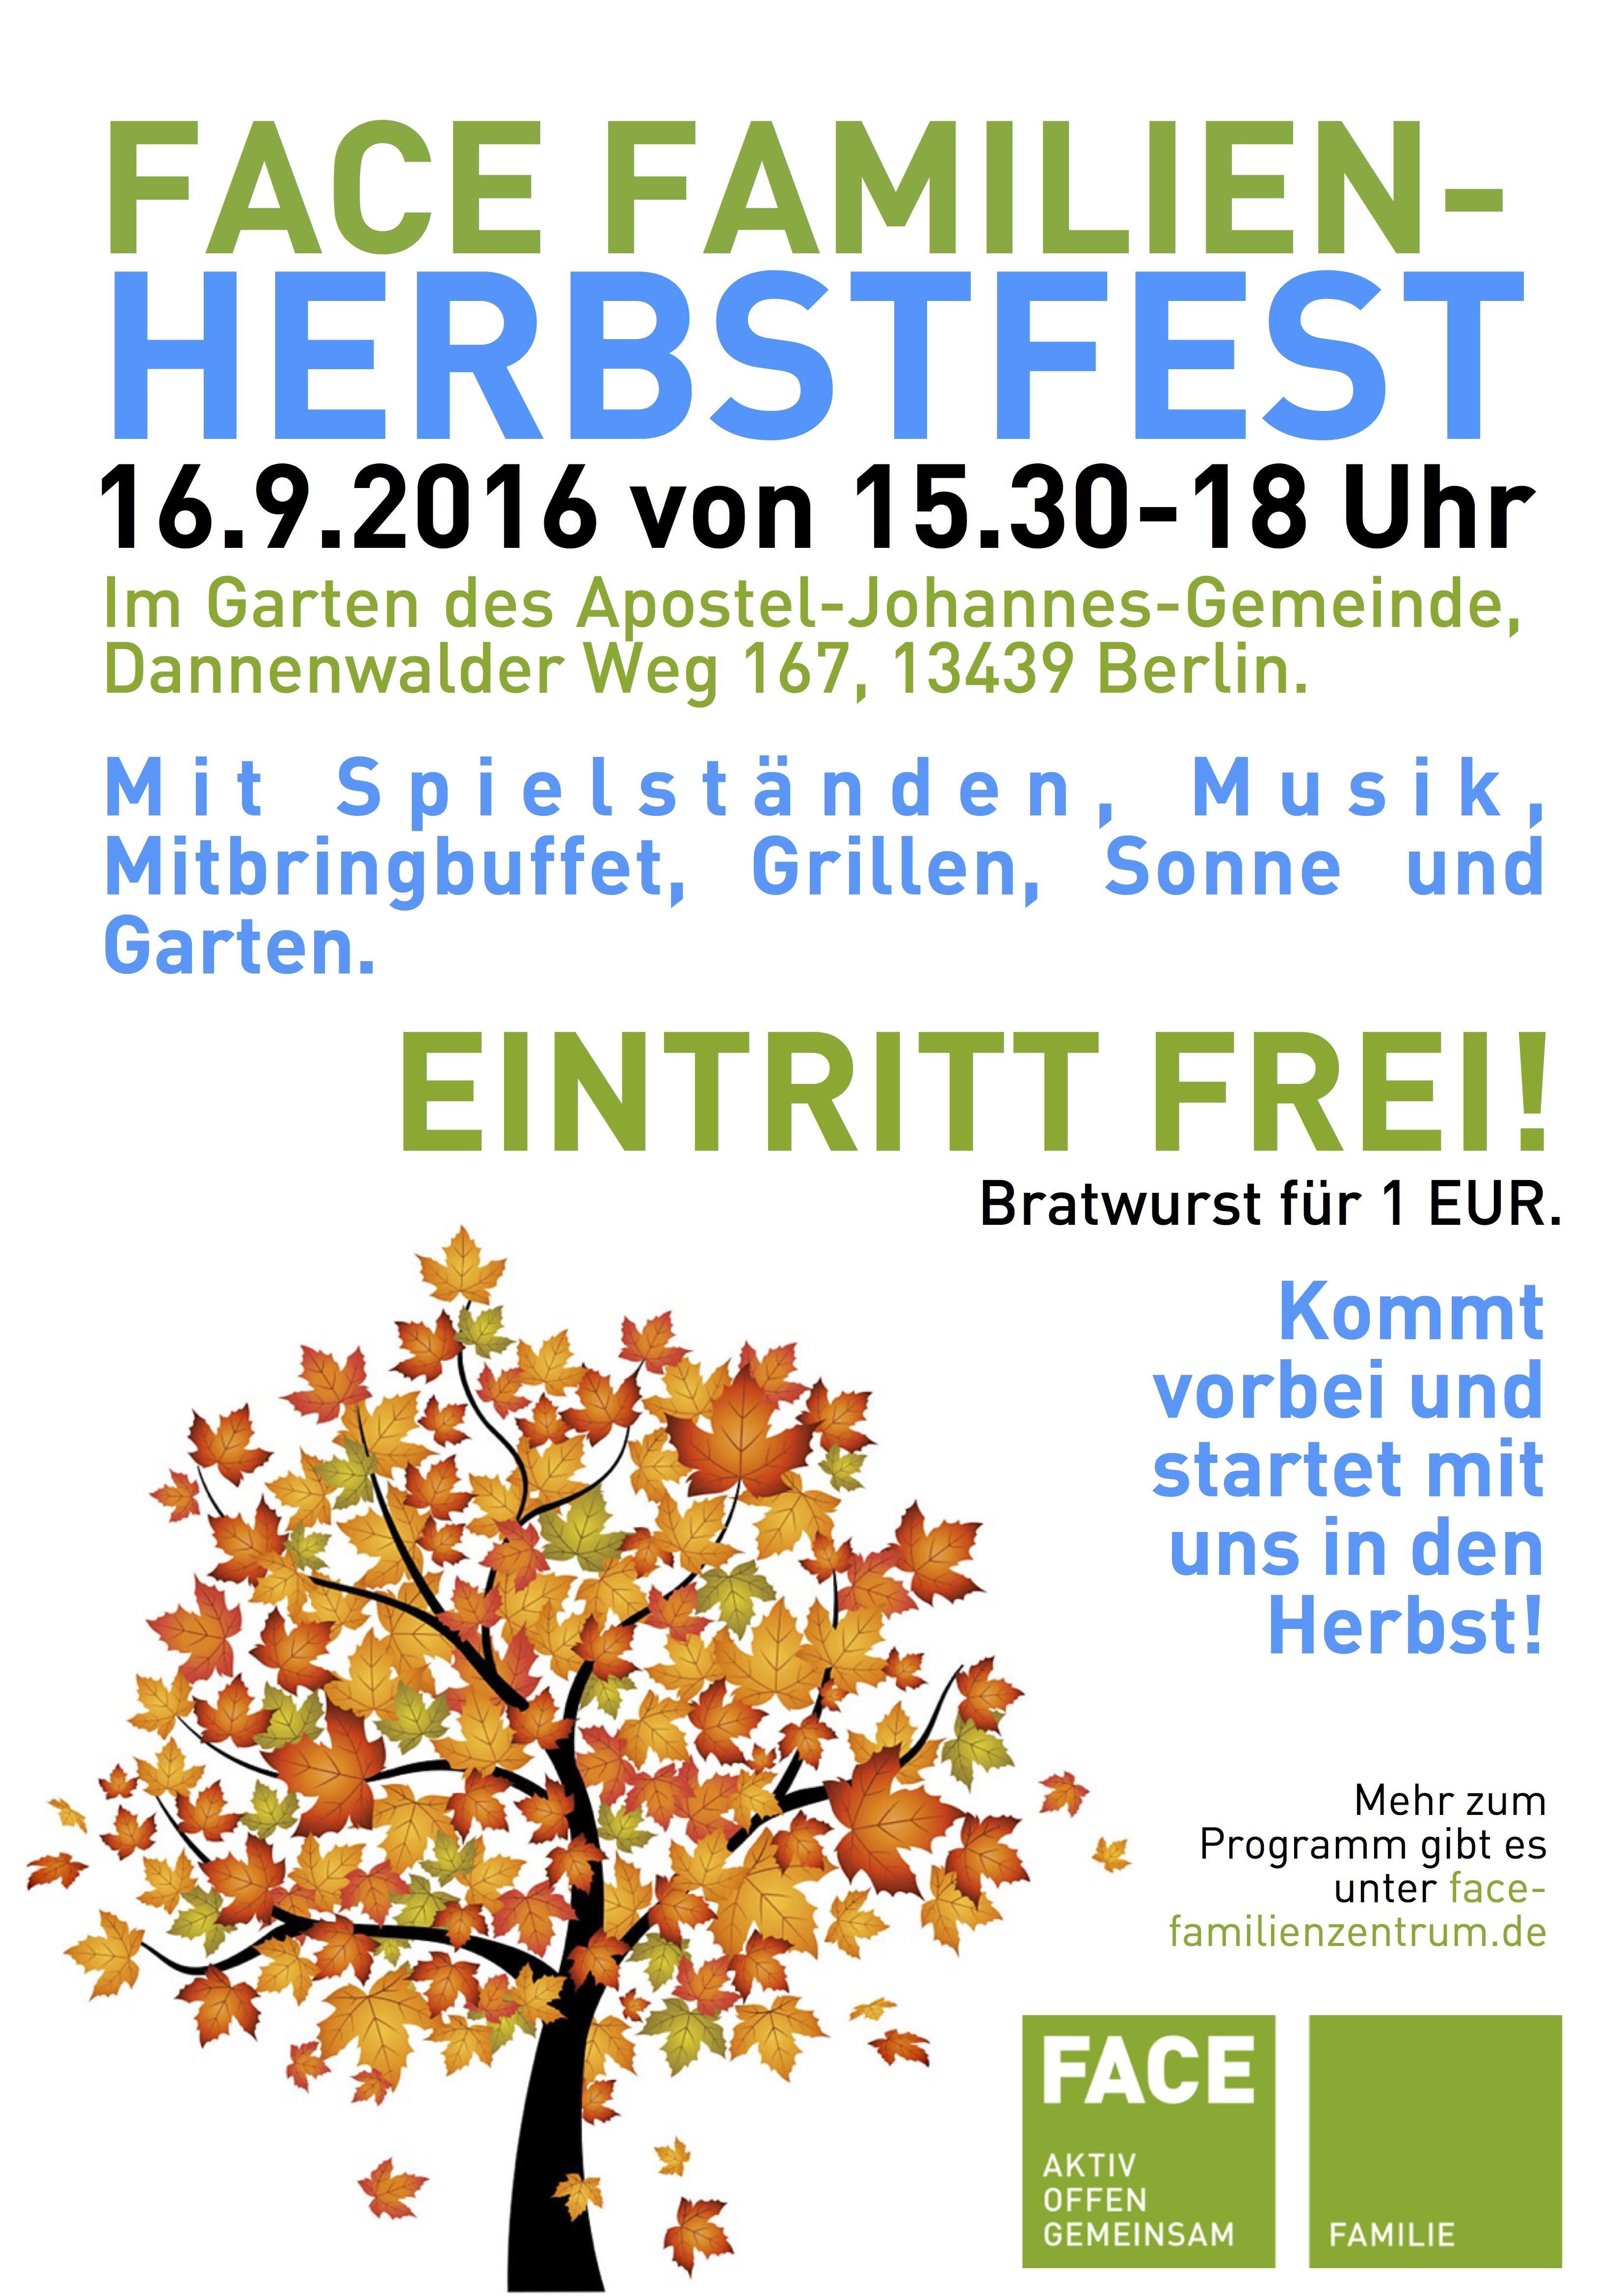 FACE Herbstfest am 16.9.2016